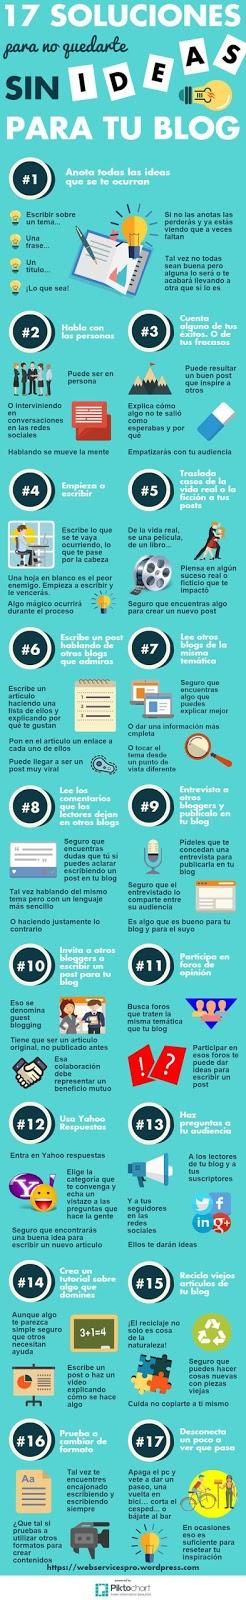 17 soluciones para no quedarte sin ideas para tu blog [Infografía]